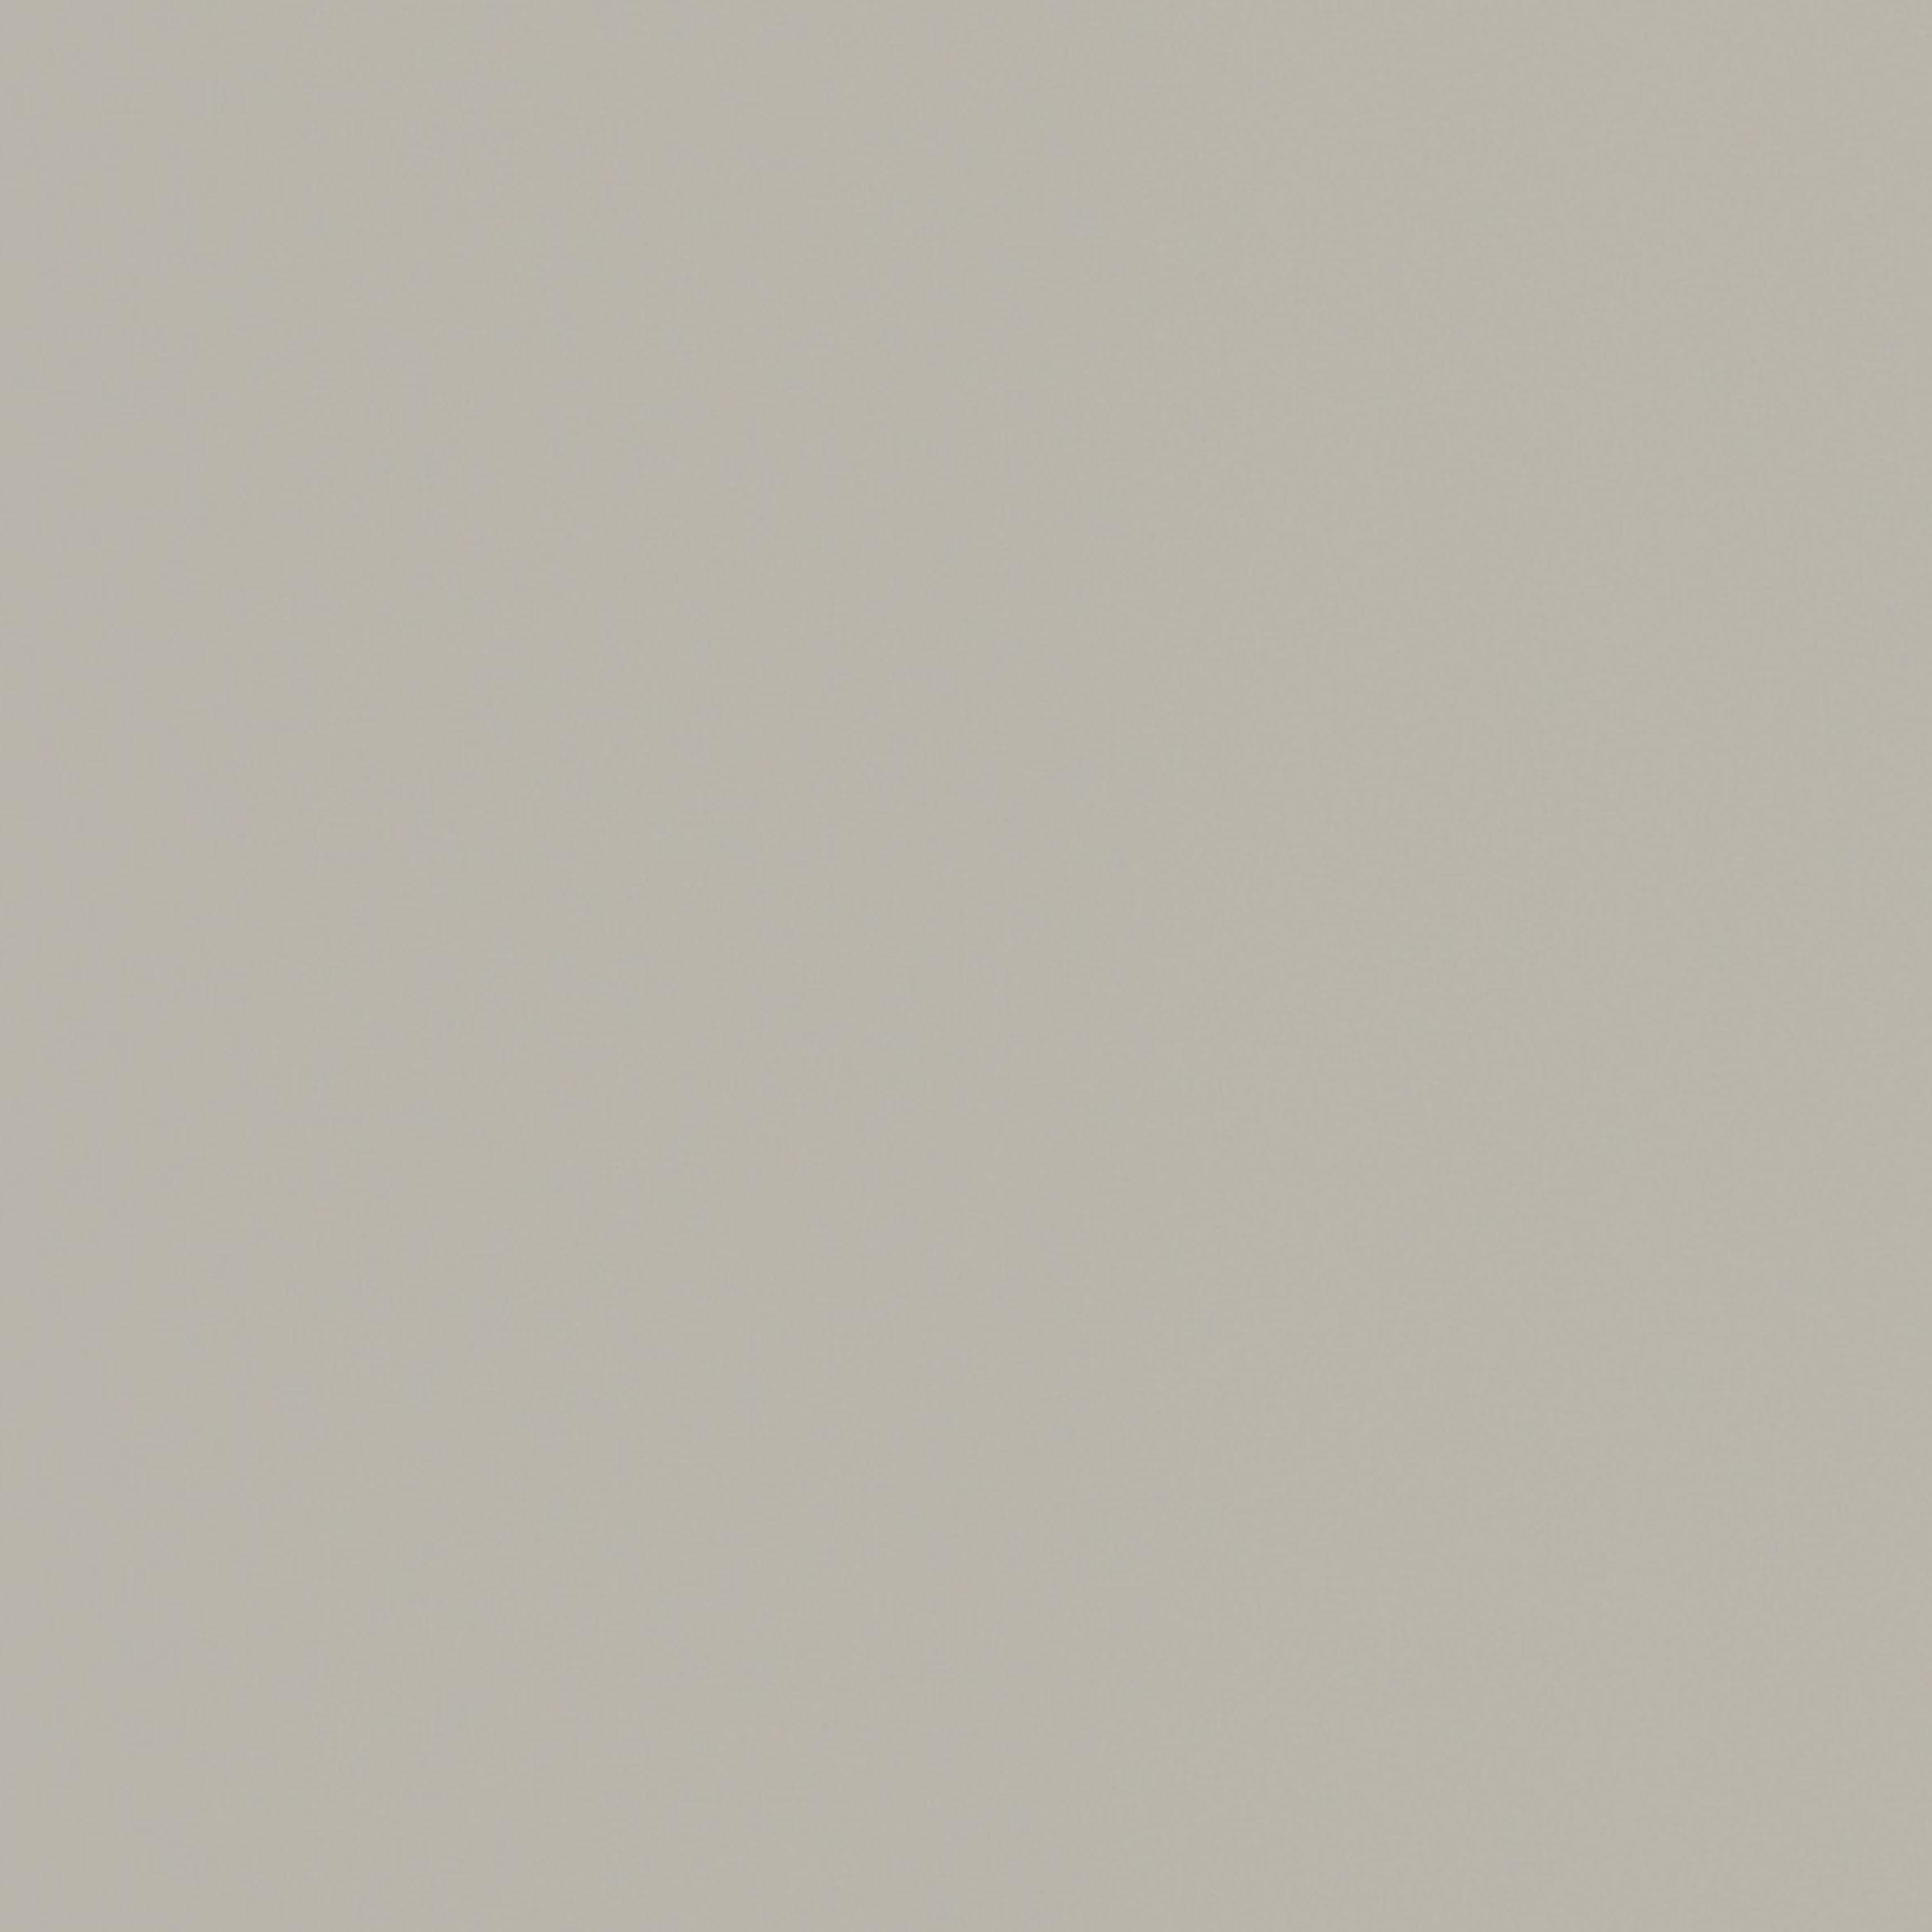 Cromatica Cenere Matte 6mm 120 x 120